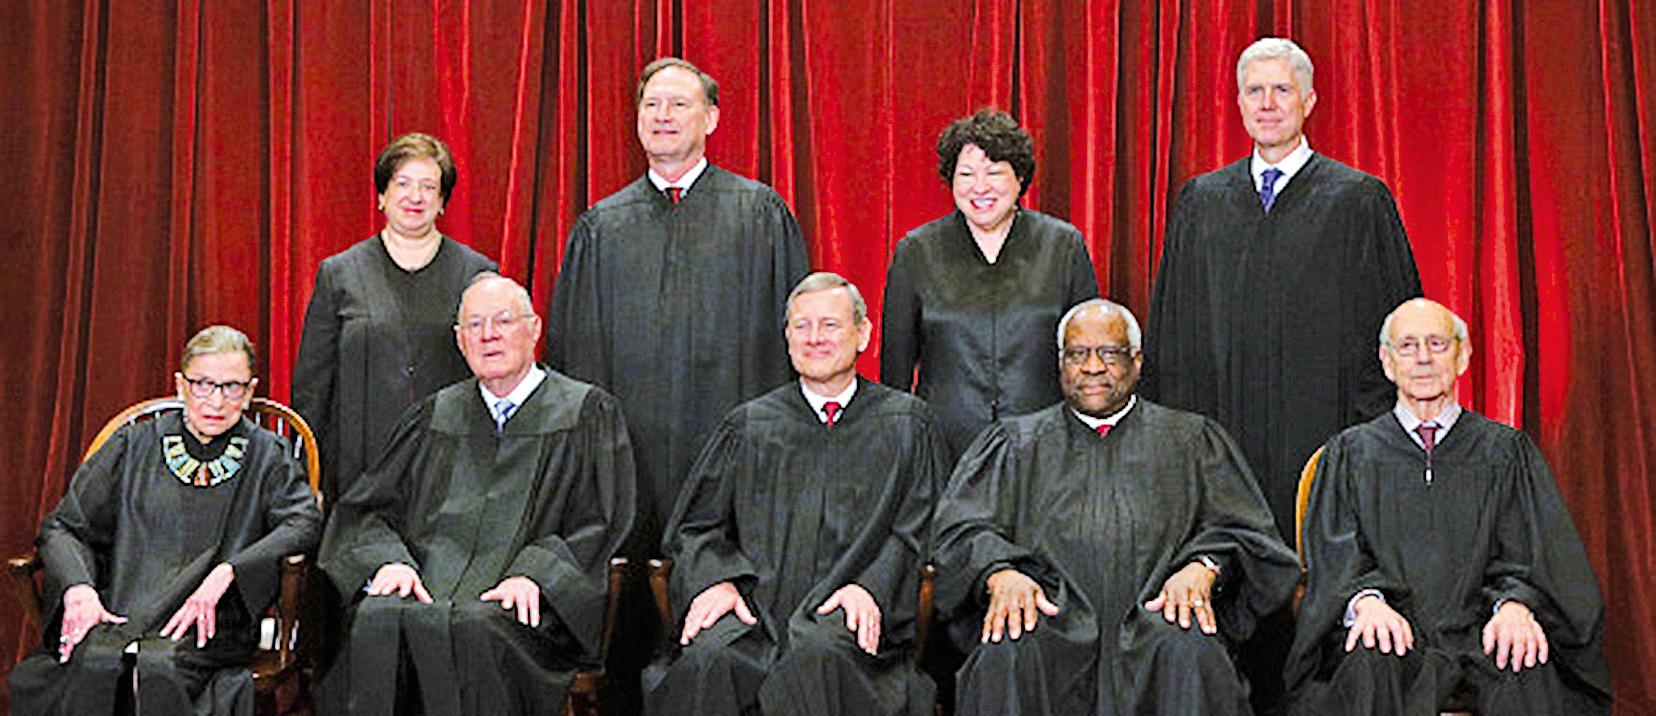 美國高院大法官甘迺迪(前排左二)周三(6月27日)宣佈退休,給了特朗普總統一個絕佳機會,讓最高法院穩穩的向右轉。(Getty Images)